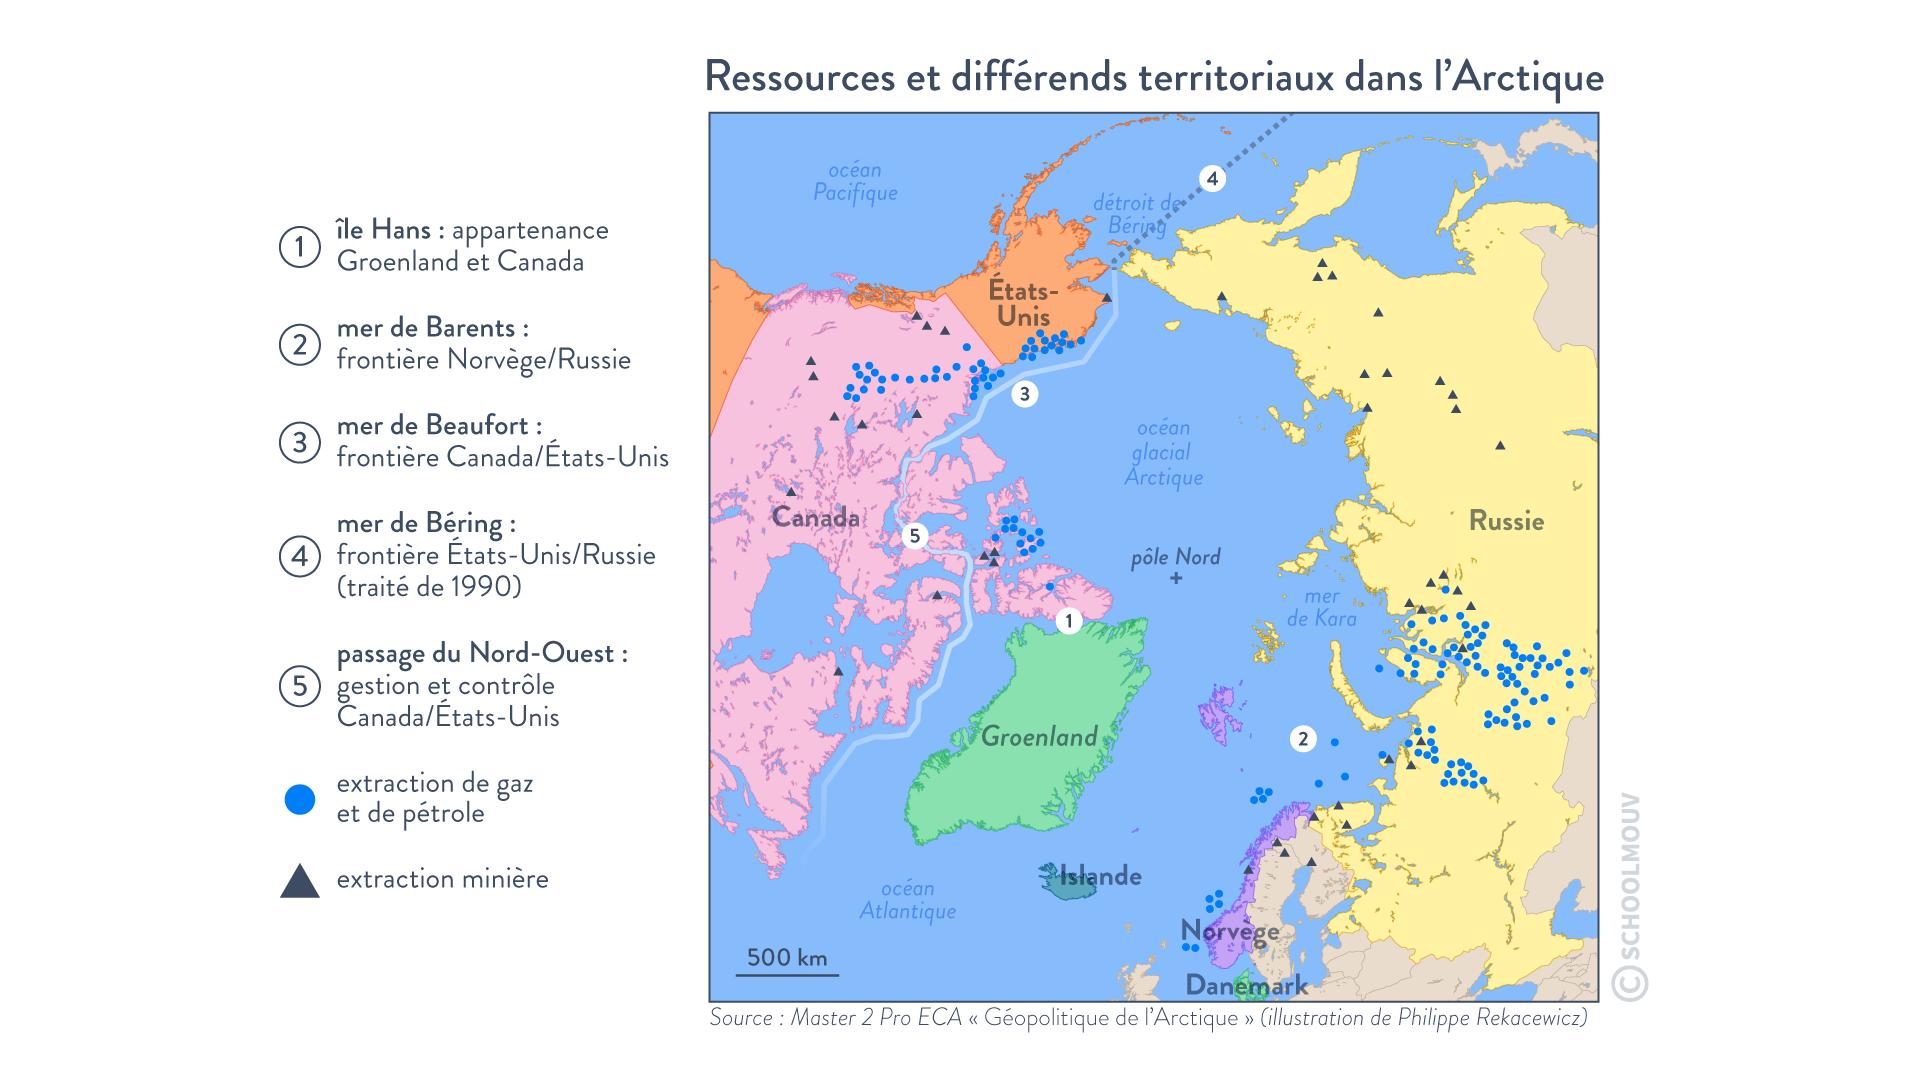 Ressources et différends territoriaux dans l'arctique conquête océans hggsp histoire géographie géopolitique et sciences politique spécialité terminale